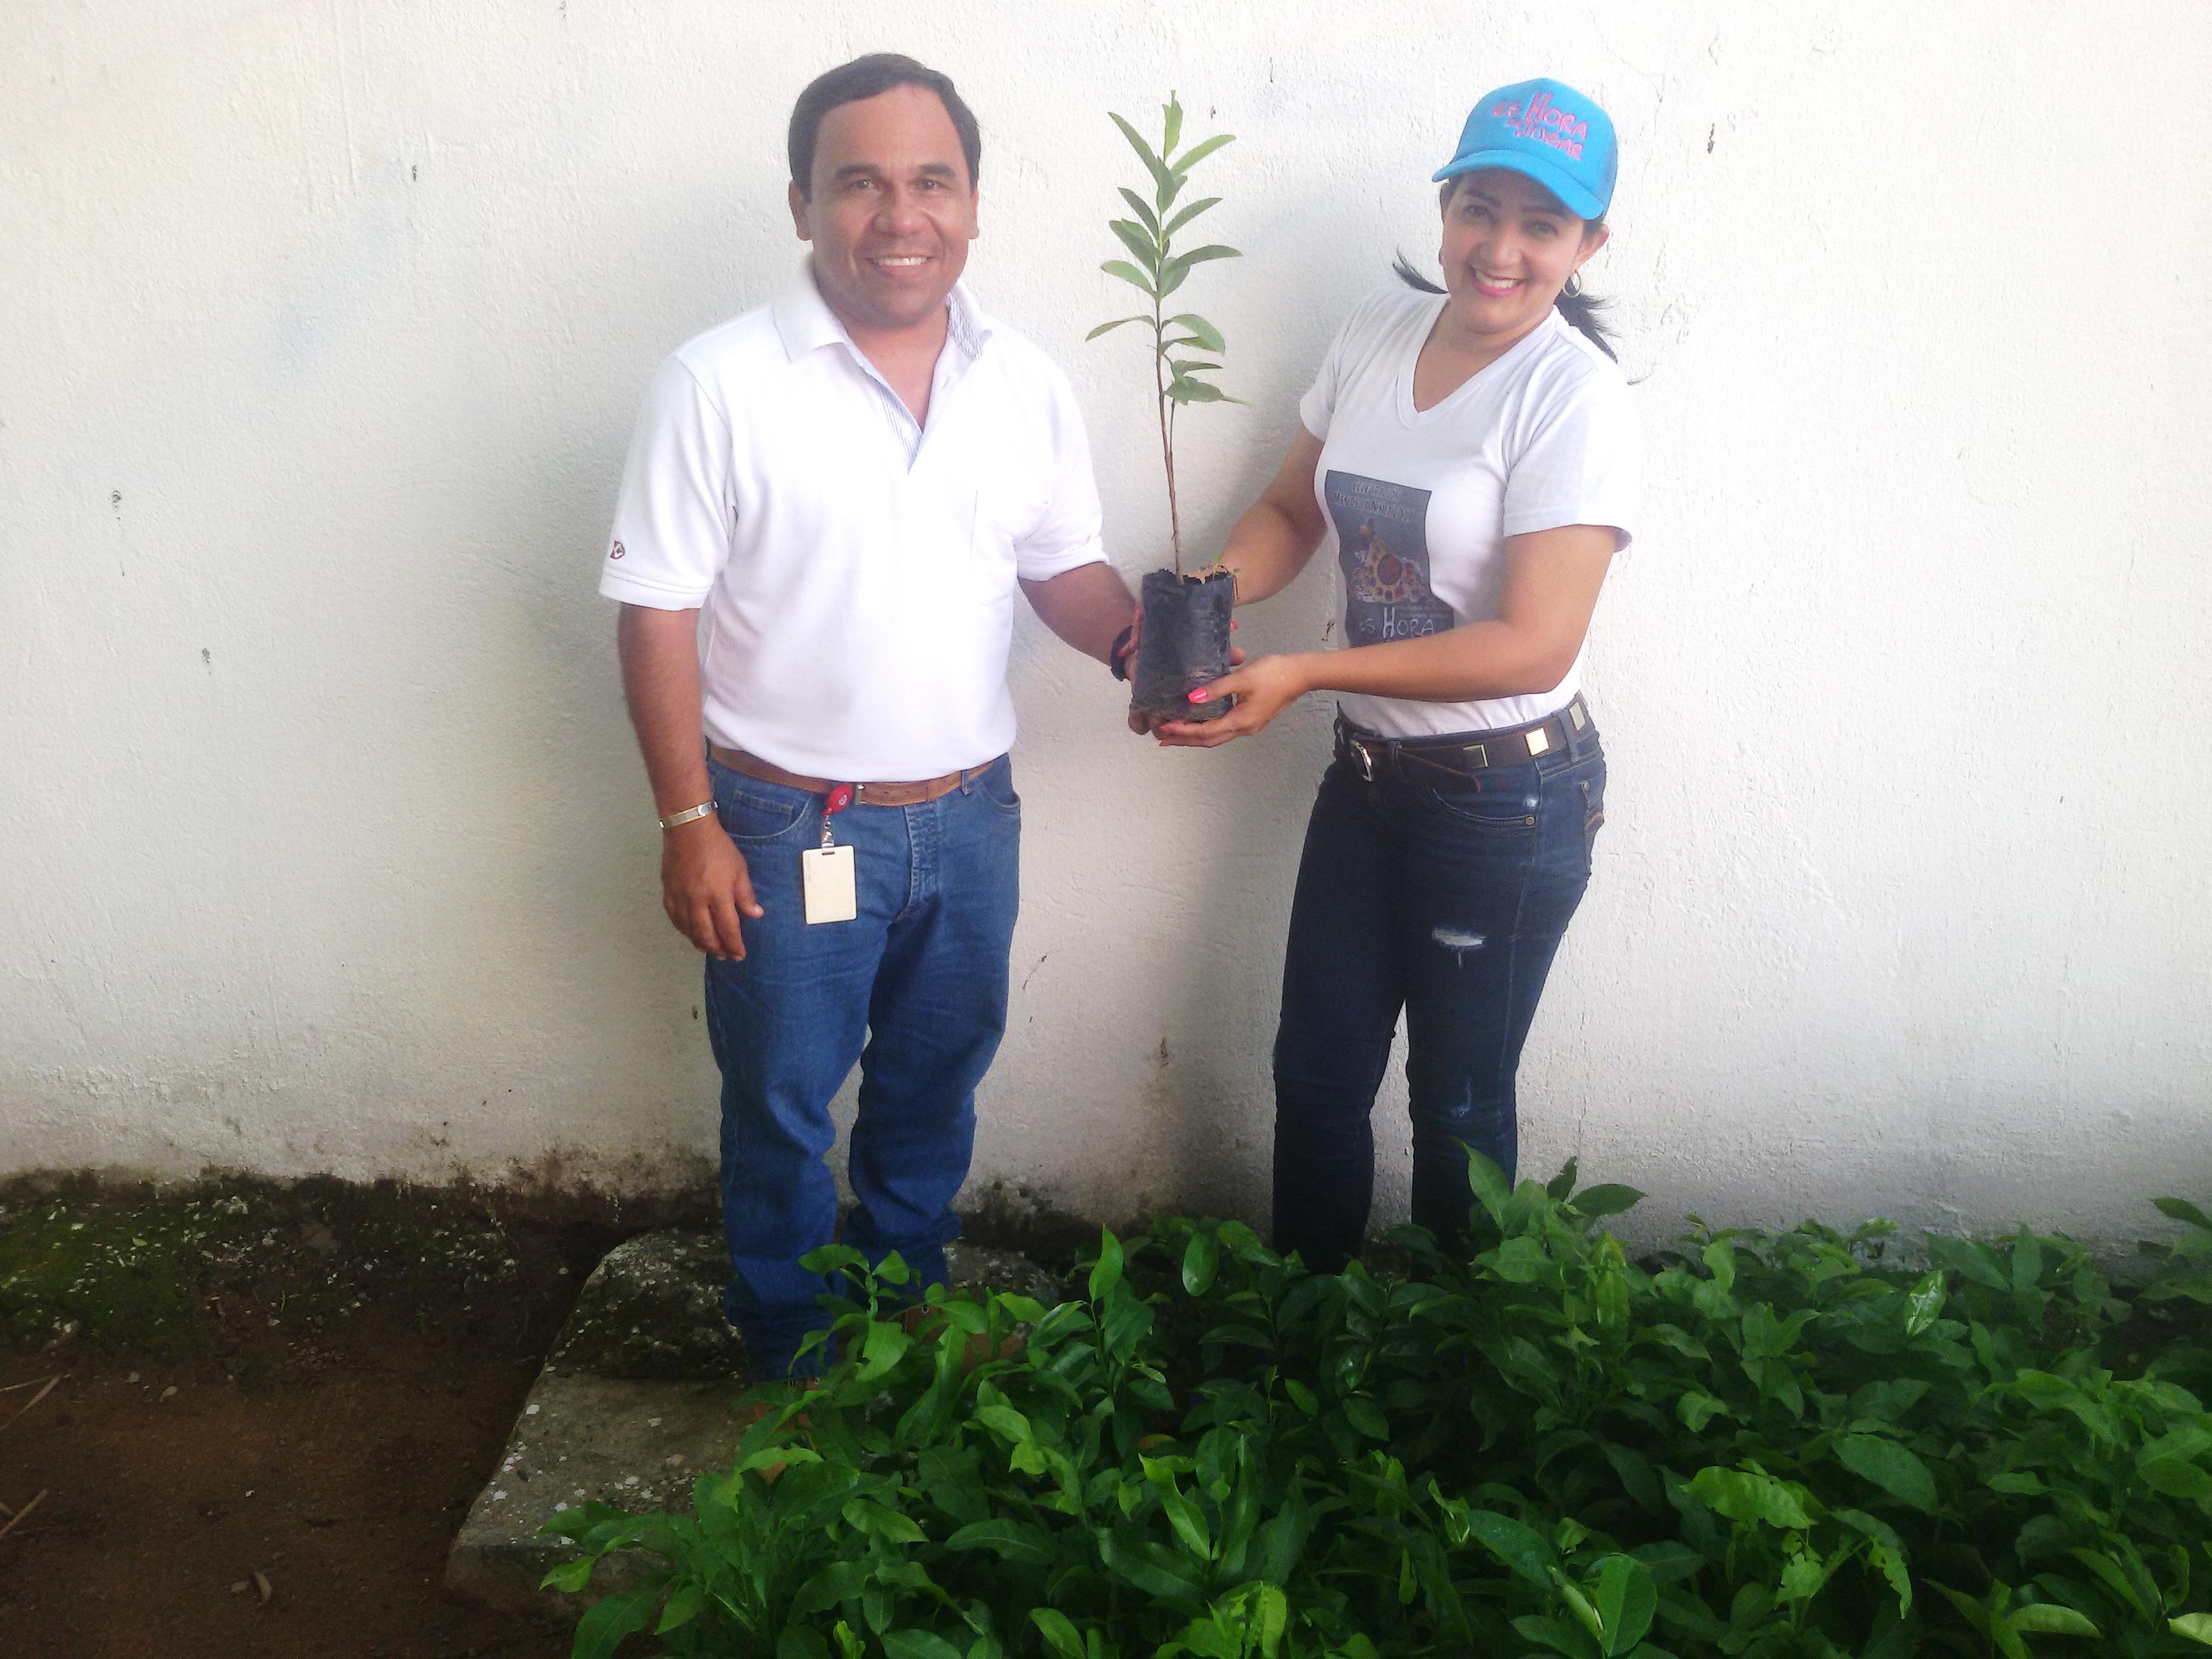 *En la fotografía: Leonardo Armenta, Asistente de Relaciones con la Comunidad de Drummond Ltd., y Erica Trujillo, Coordinadora de Programas Sociales del municipio de La Jagua de Ibirico.